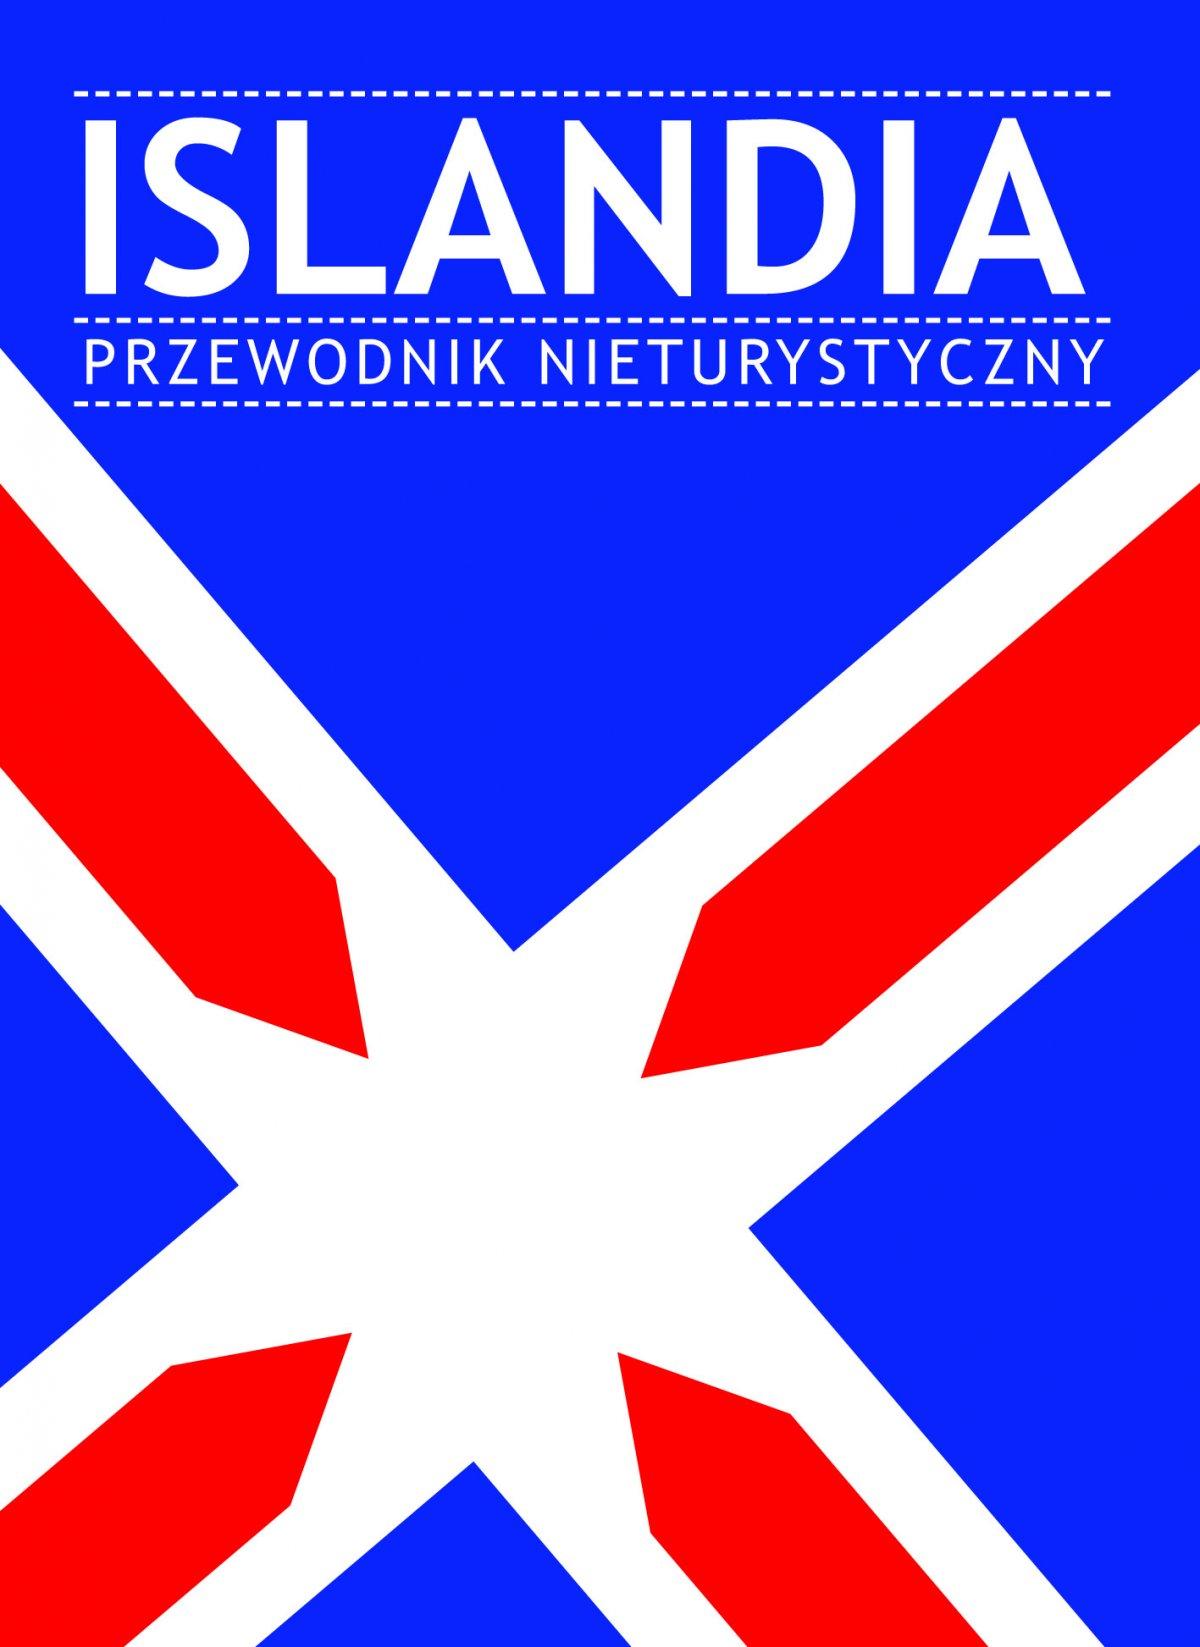 Islandia. Przewodnik nieturystyczny - Ebook (Książka EPUB) do pobrania w formacie EPUB